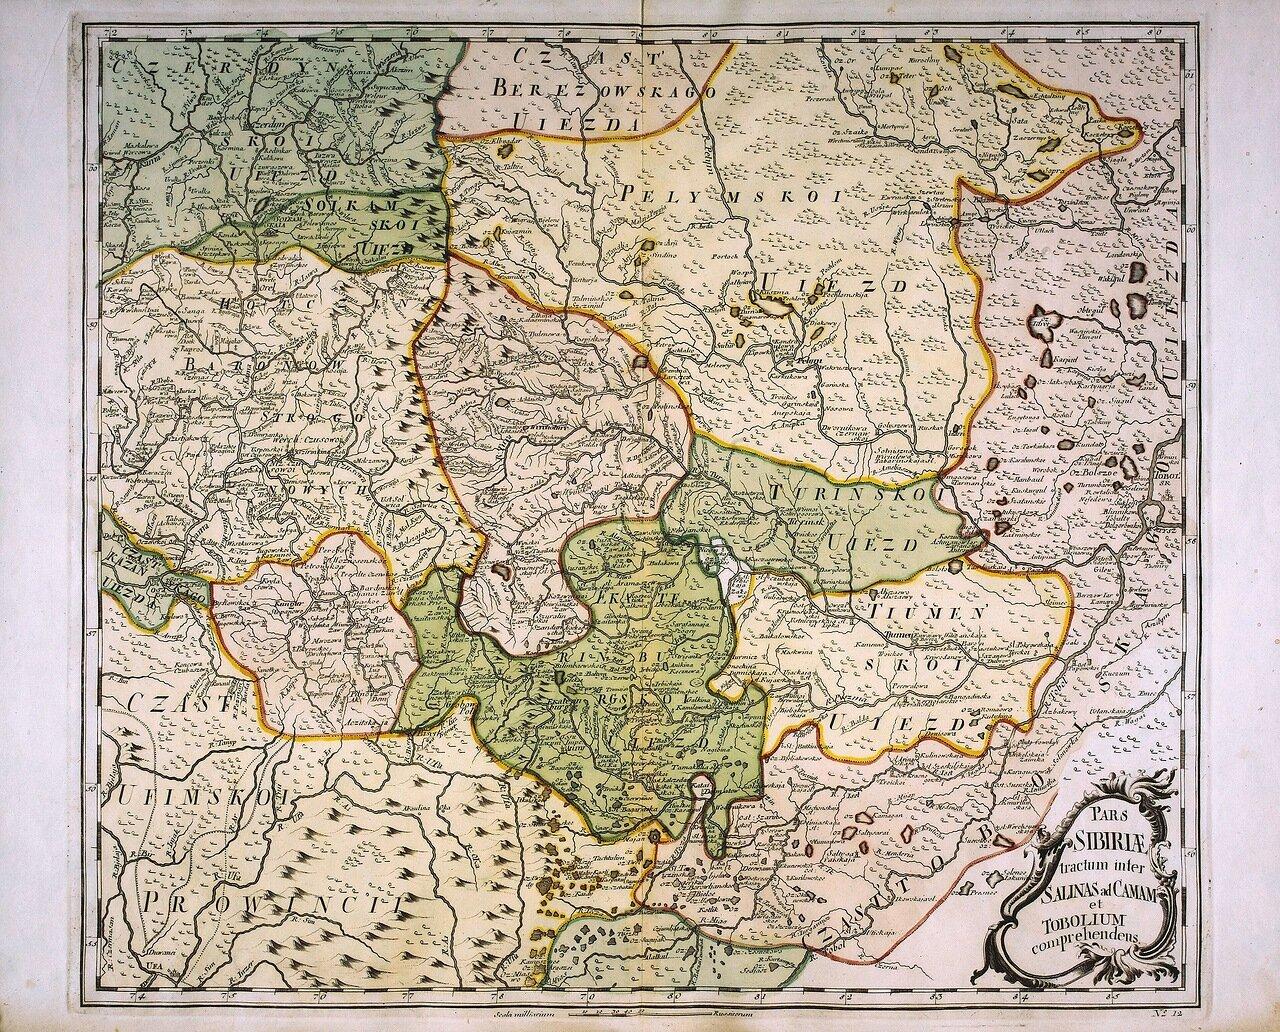 1745. Часть Сибирского тракта между  Малой Солью и Камой до Тобольска